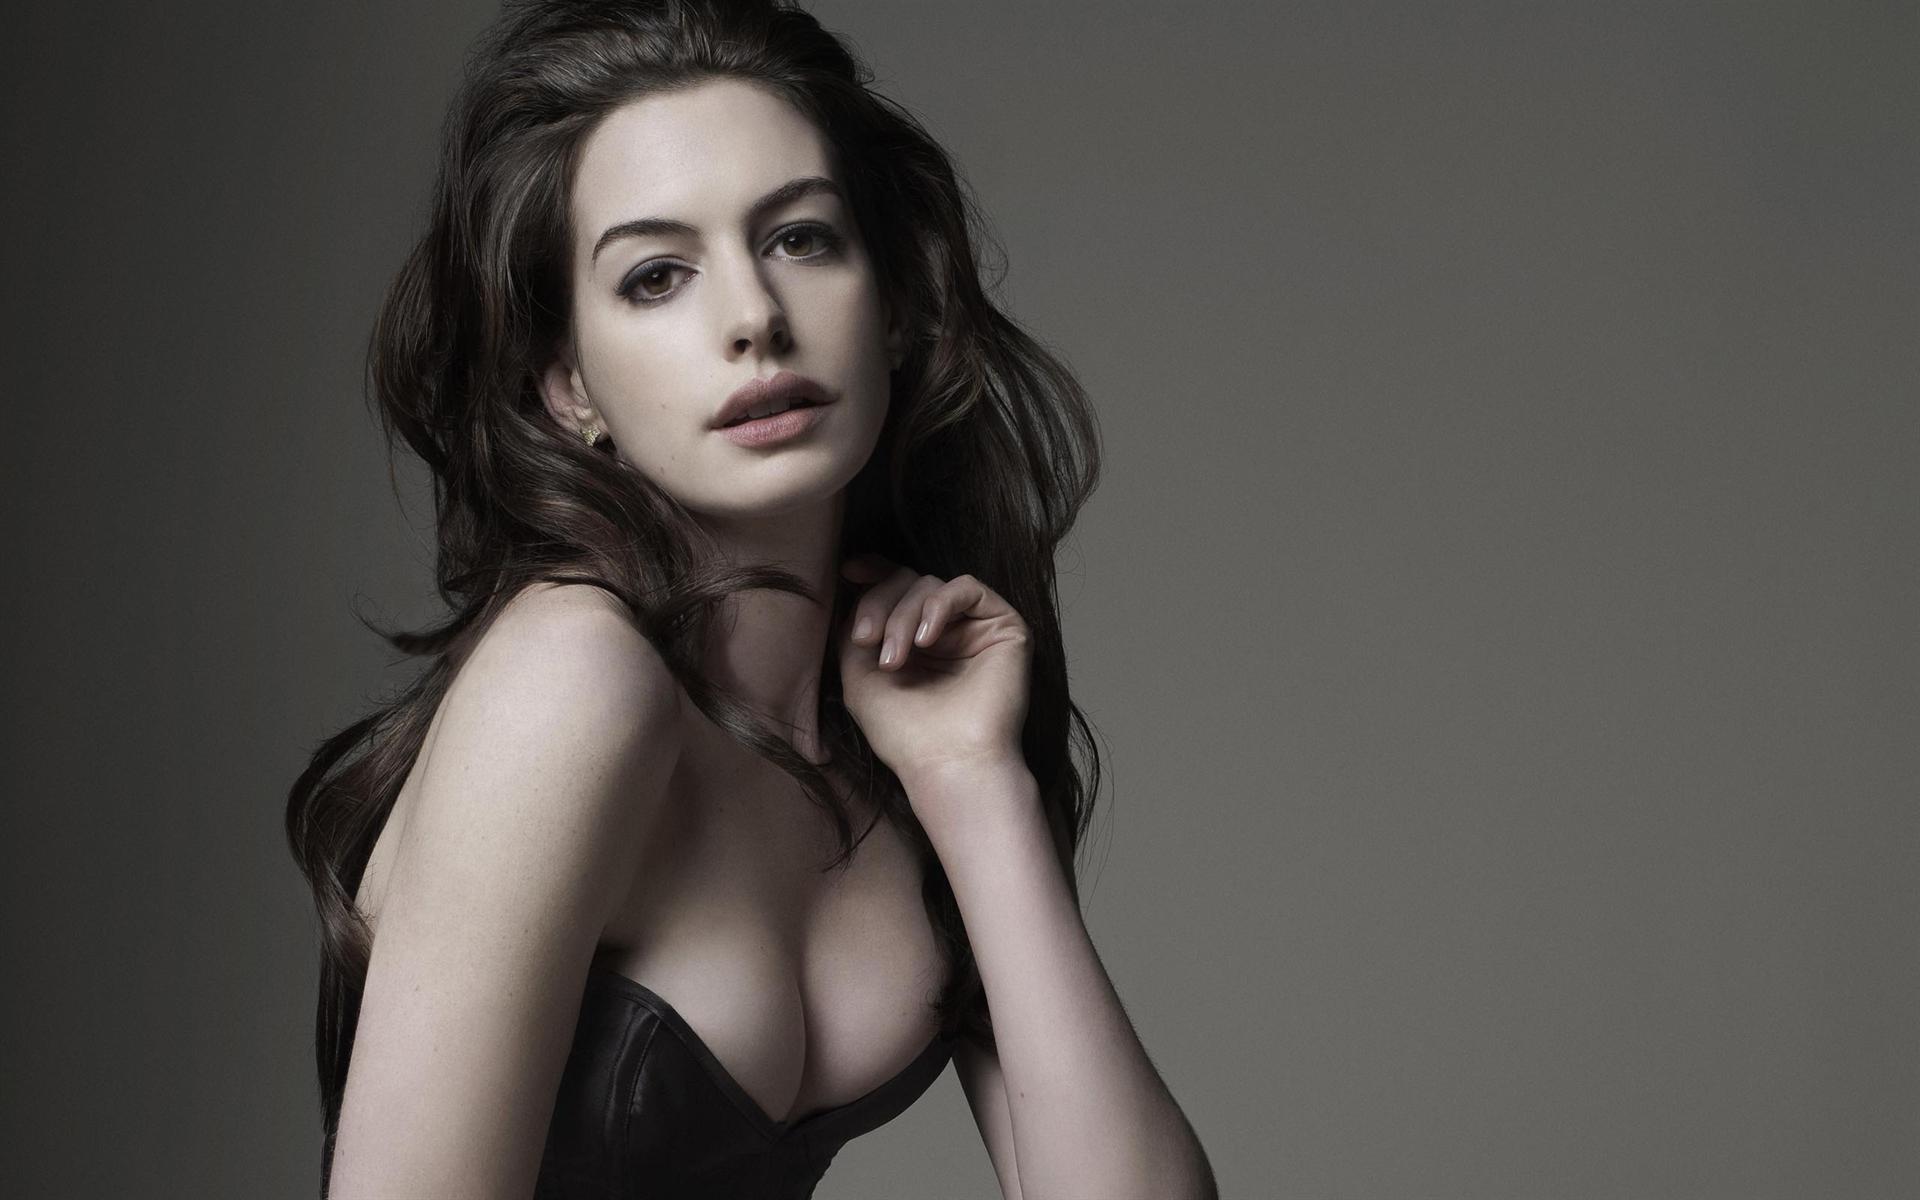 Anne Hathaway en corset très décolleté